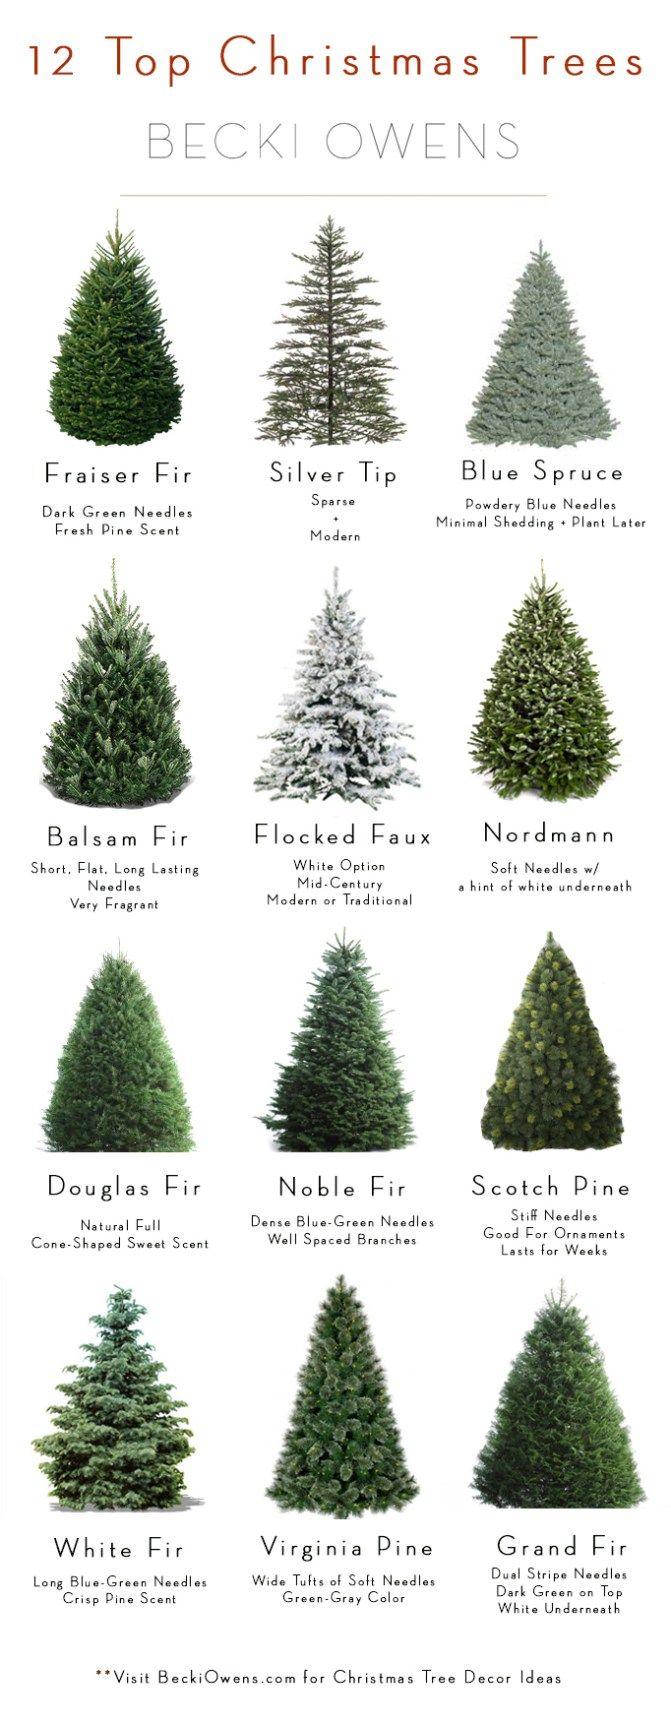 Becki Owens Christmas Tree Guide Christmas Tree Guide Types Of Christmas Trees Live Christmas Trees